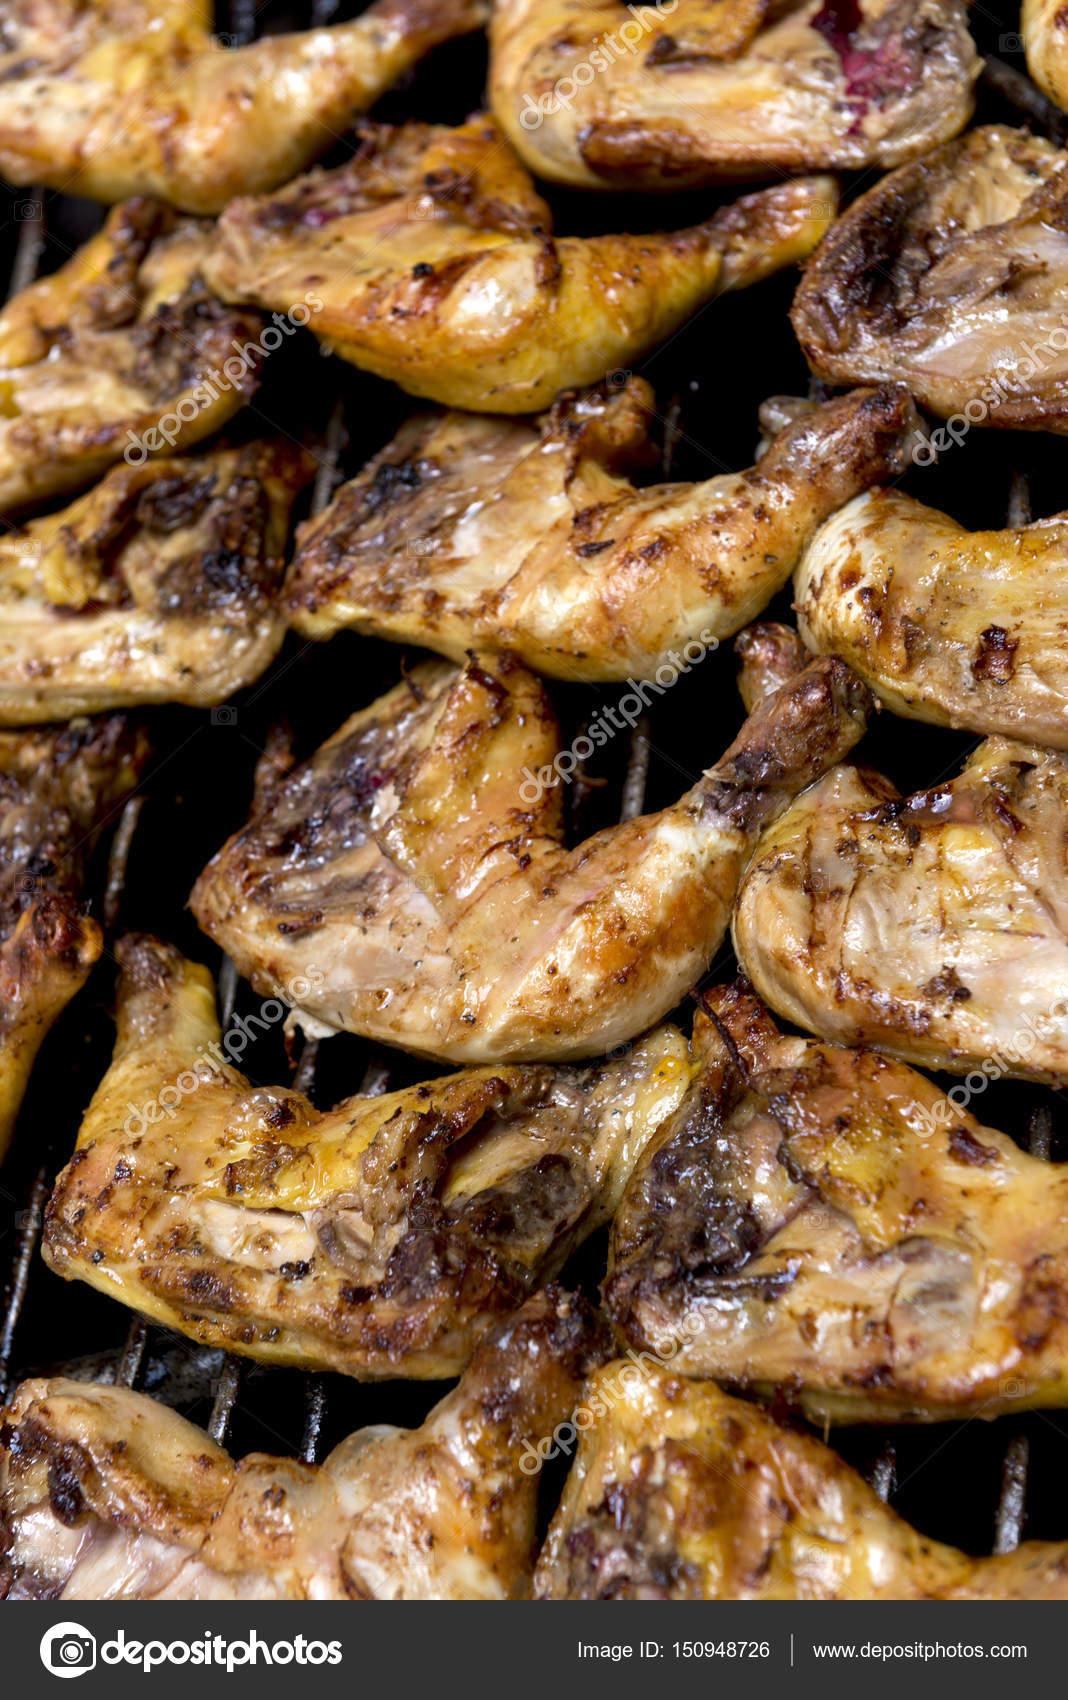 Cuartos de pollo asado en una parrilla de barbacoa — Foto de stock ...